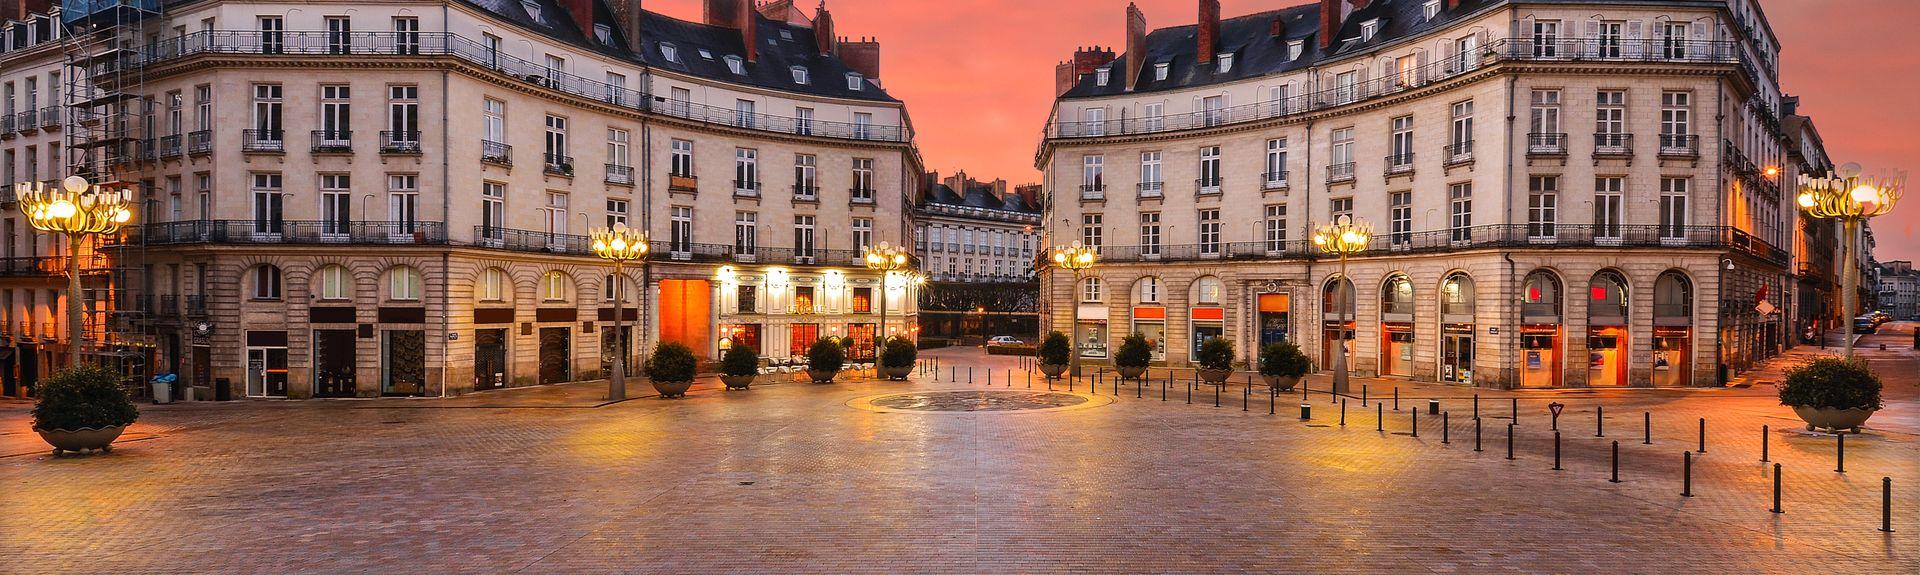 Nantes, Loire-Atlantique, France